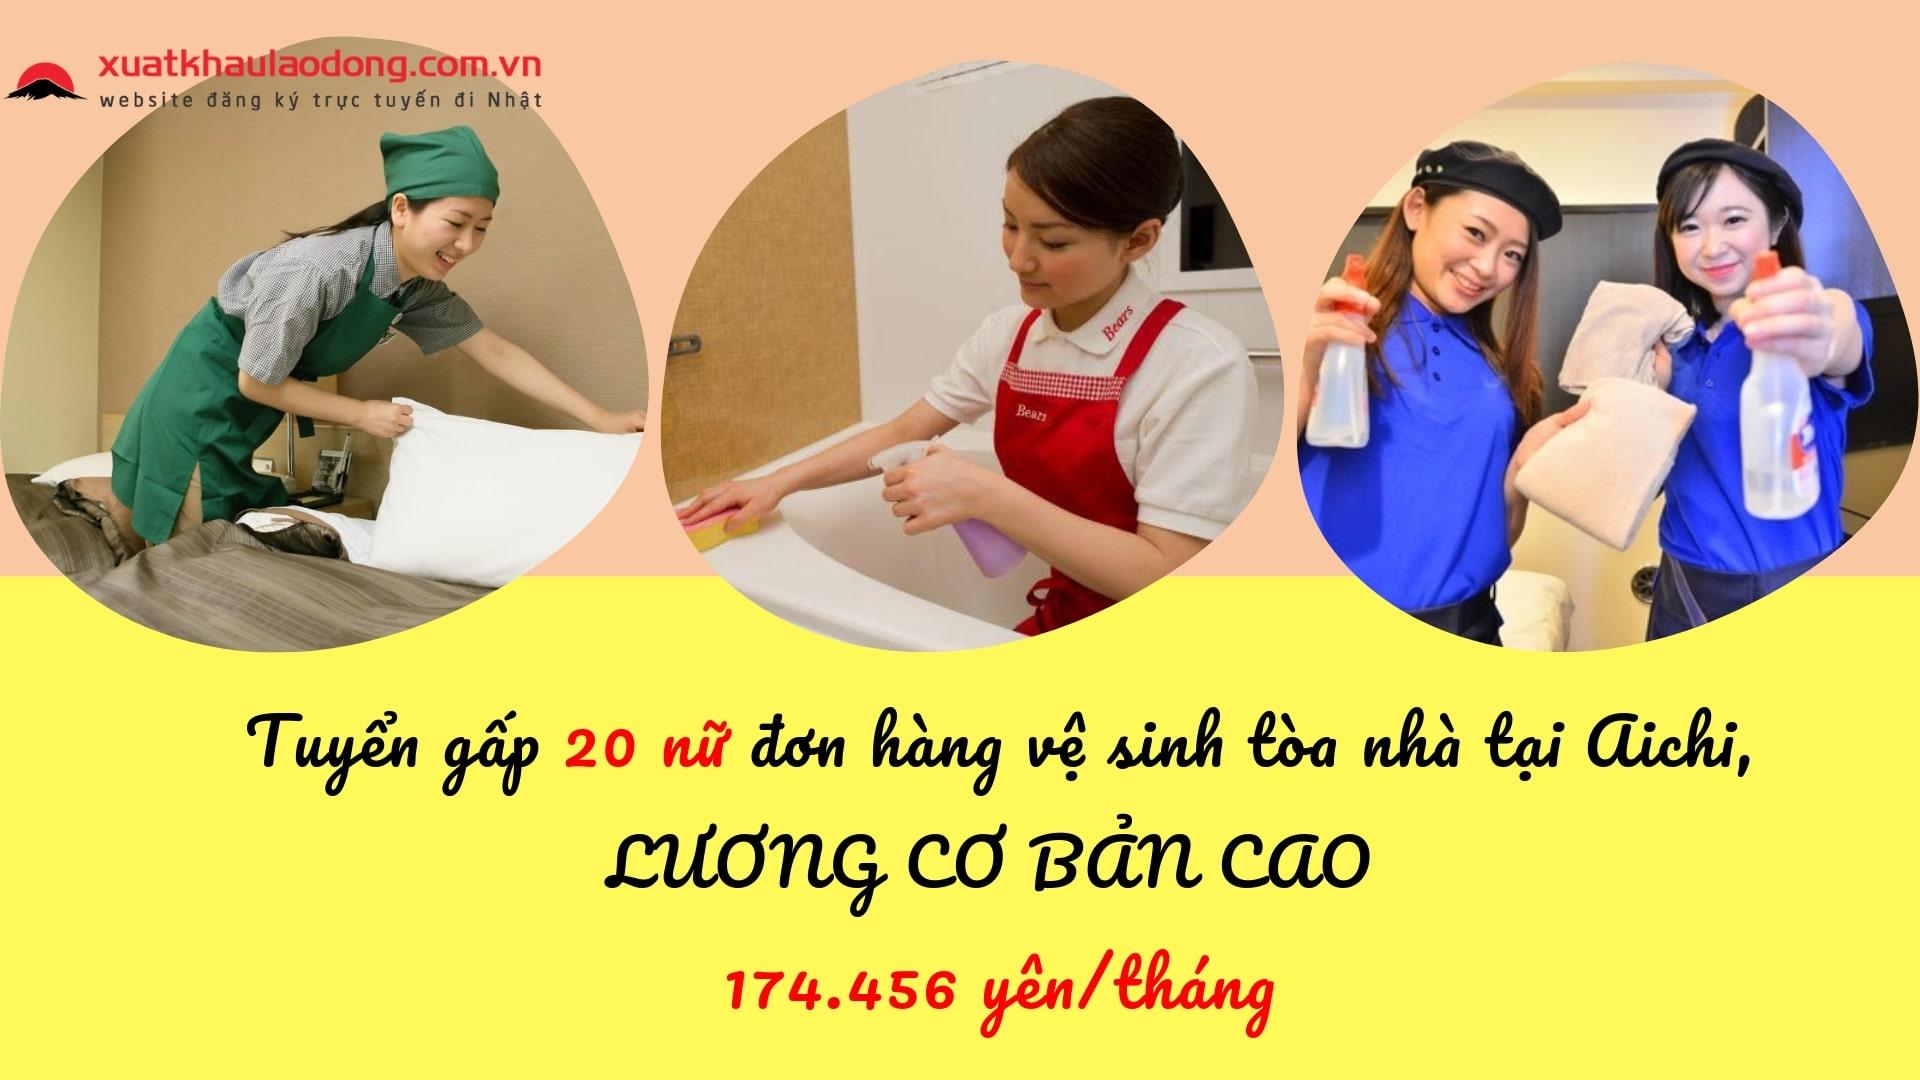 Tuyển gấp 20 nữ đơn hàng vệ sinh tòa nhà tại Aichi, LƯƠNG CƠ BẢN CAO!